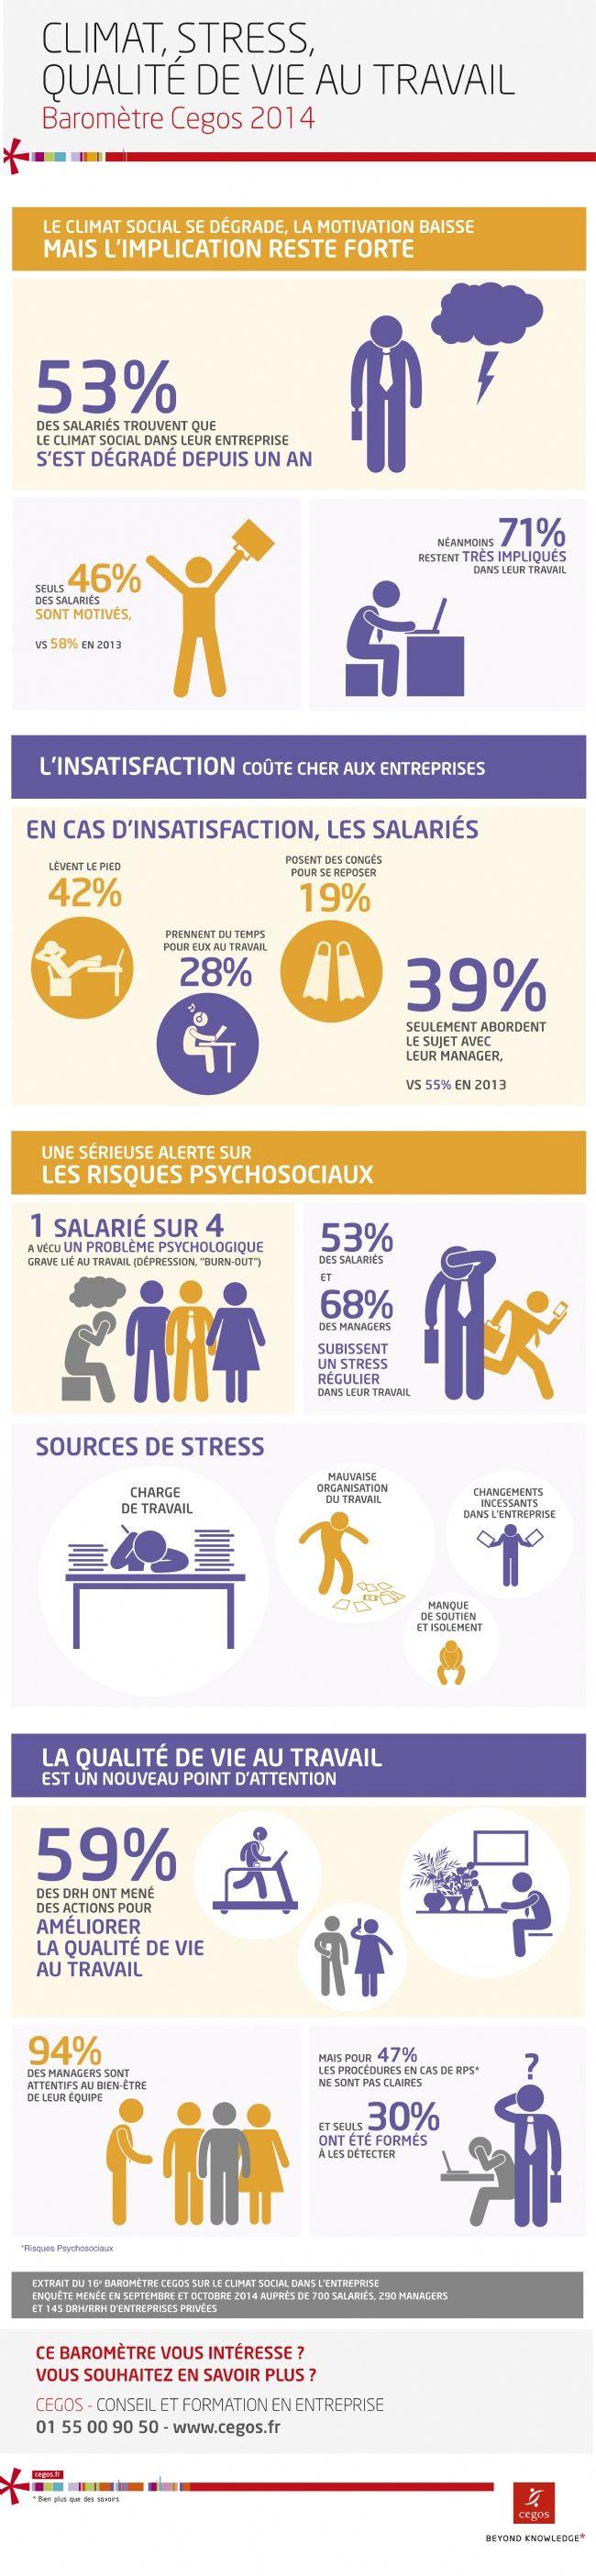 fbde563164ecfd833139569a28785011--le-stress-drh Psychology Infographic : Infographie | Les collaborateurs restent impliqués, malgré un climat social d...